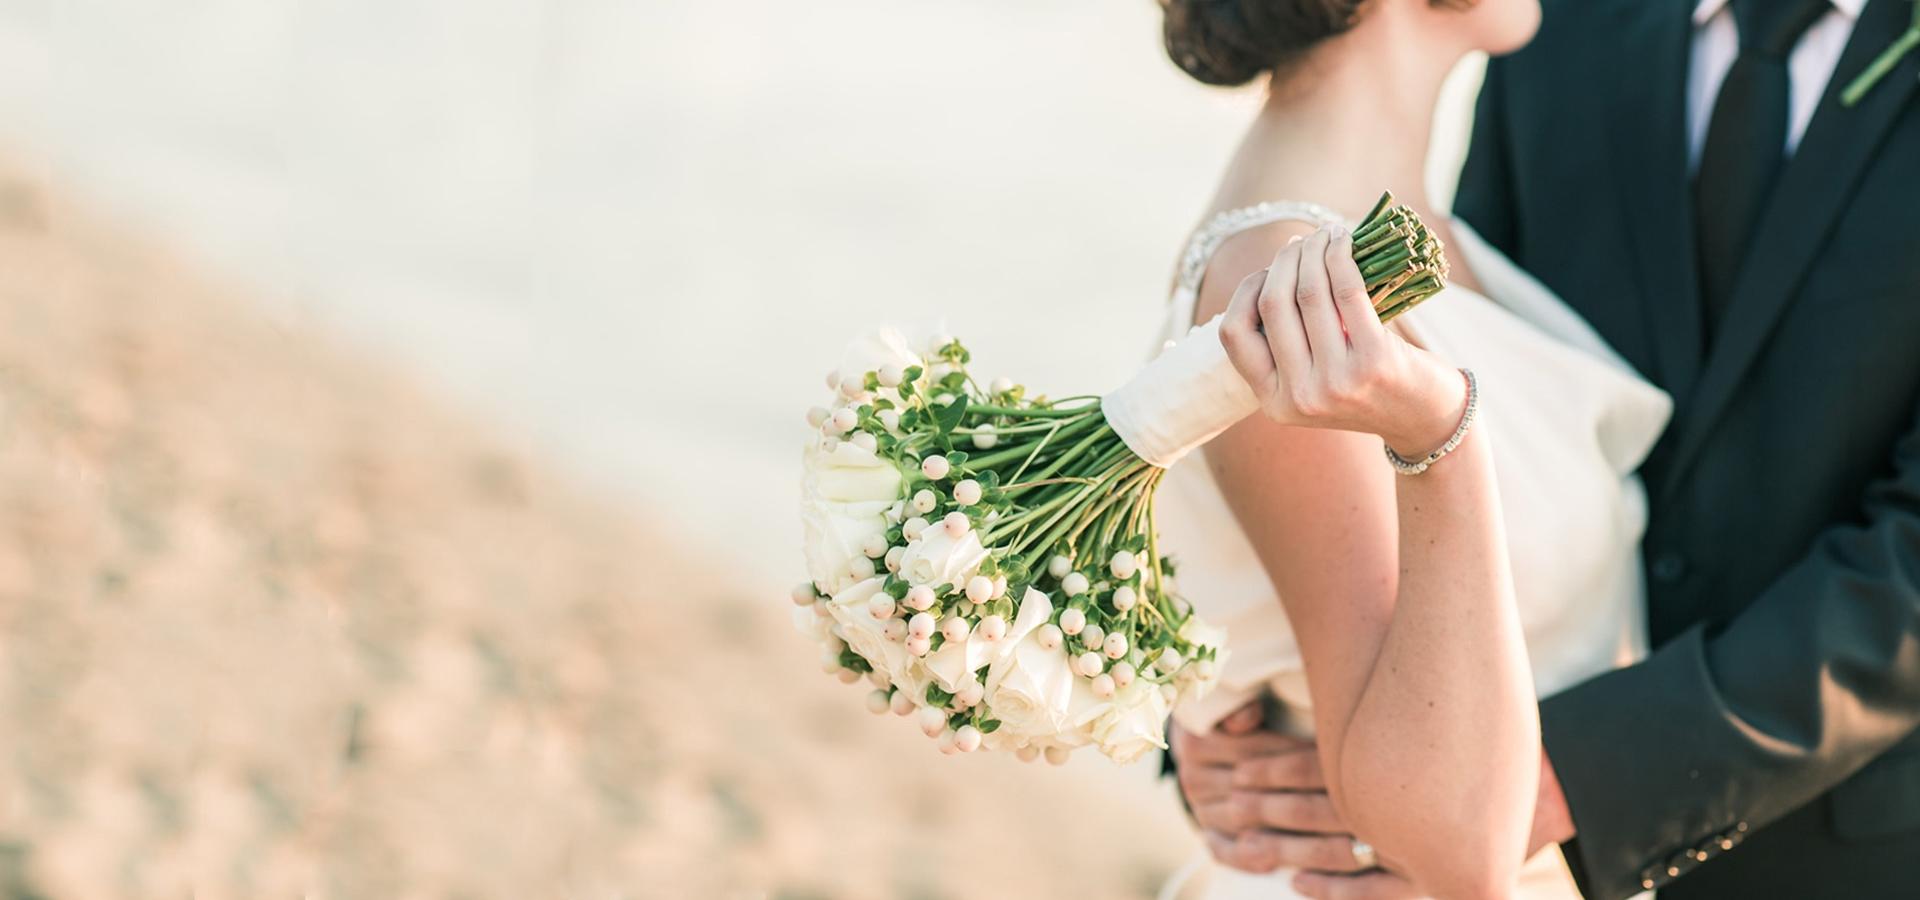 Окольцовка без гаджетов: основные причины отказаться от телефонов и планшетов на свадьбе